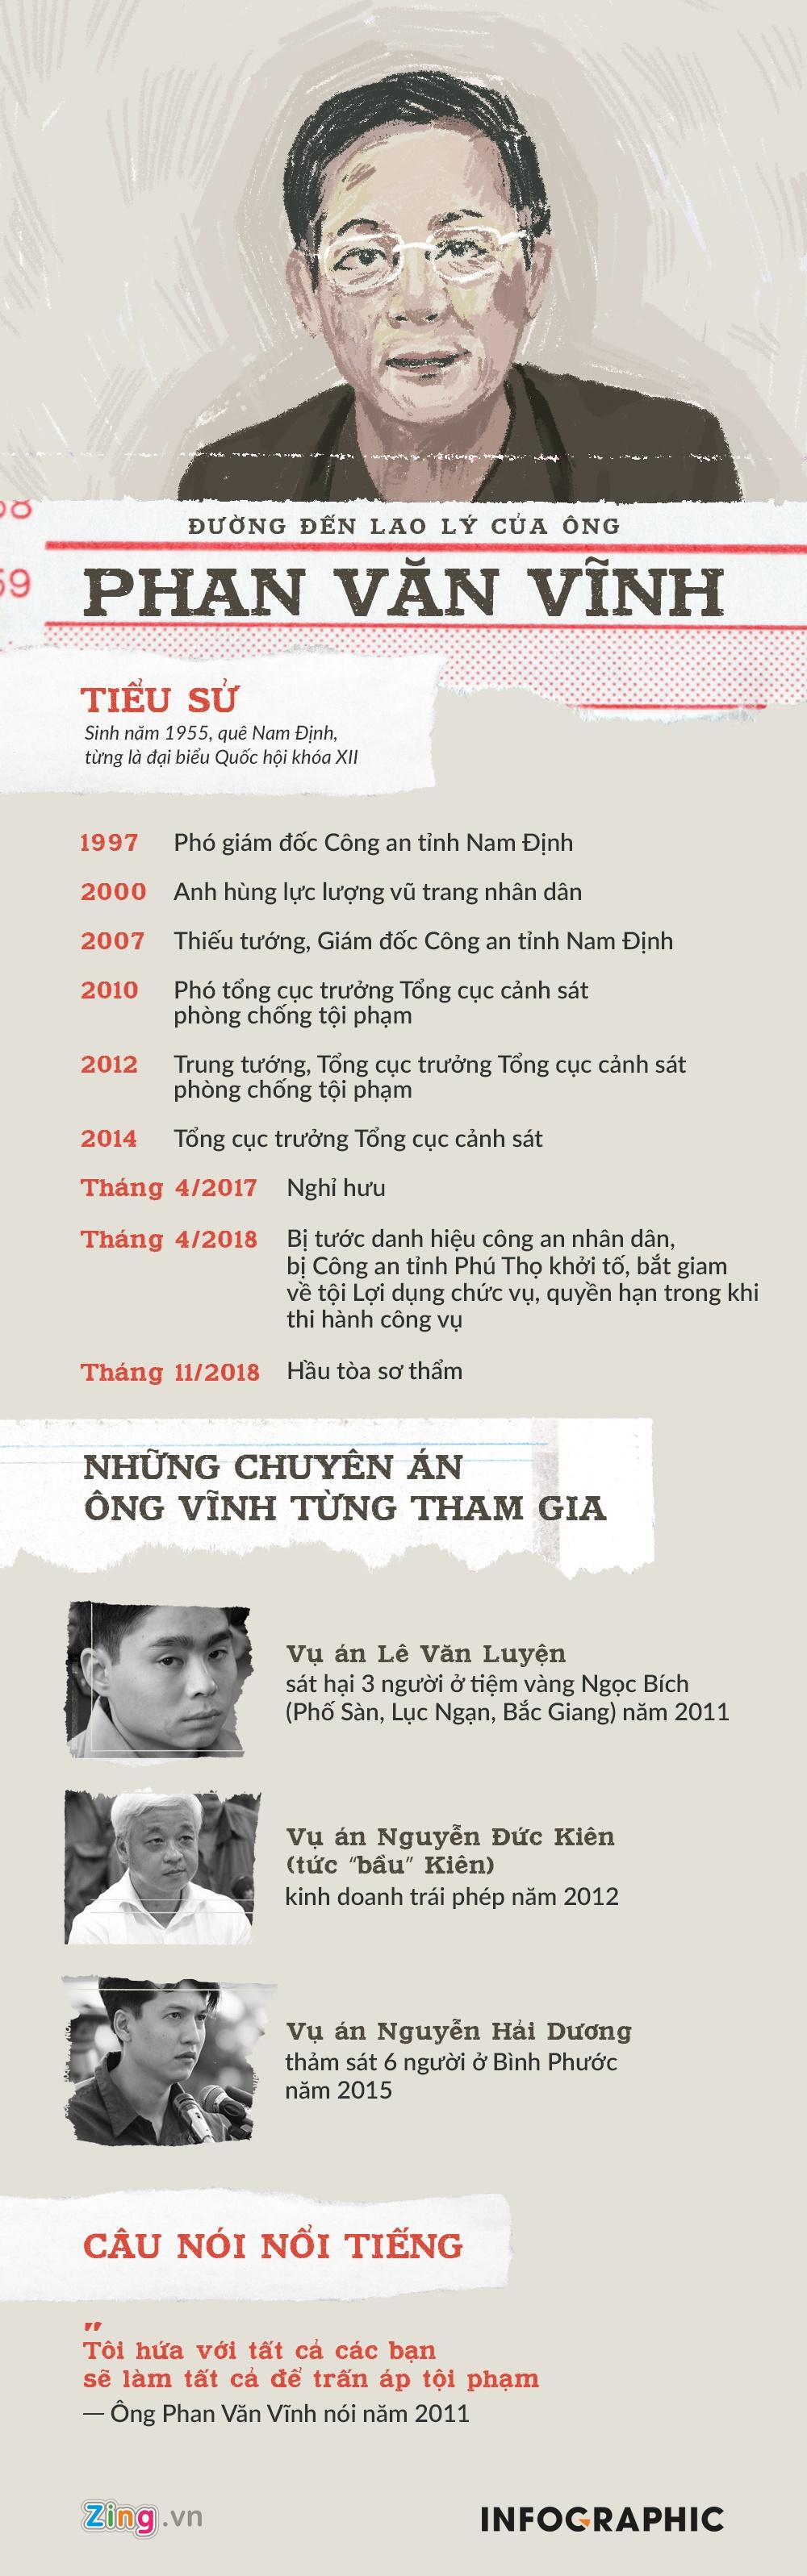 Cuu trung tuong Phan Van Vinh cui mat vao phong xu an hinh anh 14